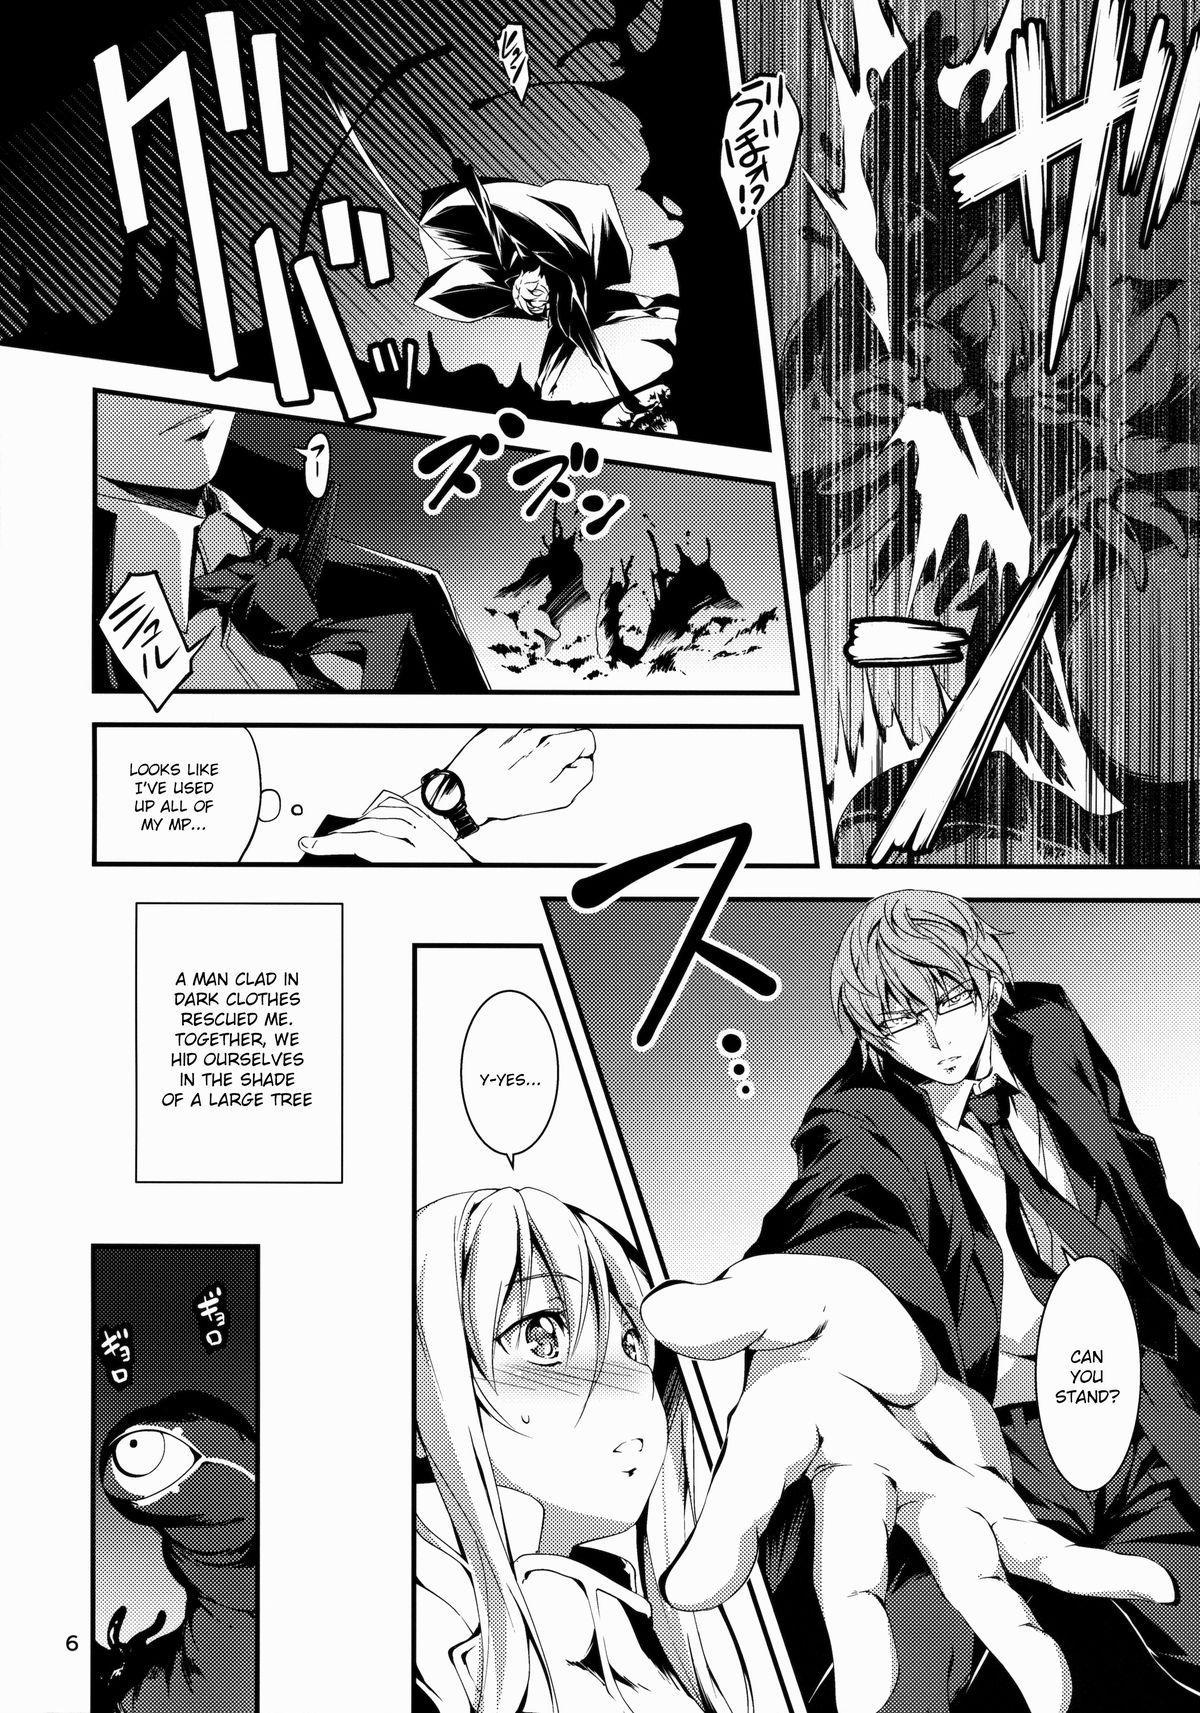 Kuro no Ryman to Kishi Yufia 6